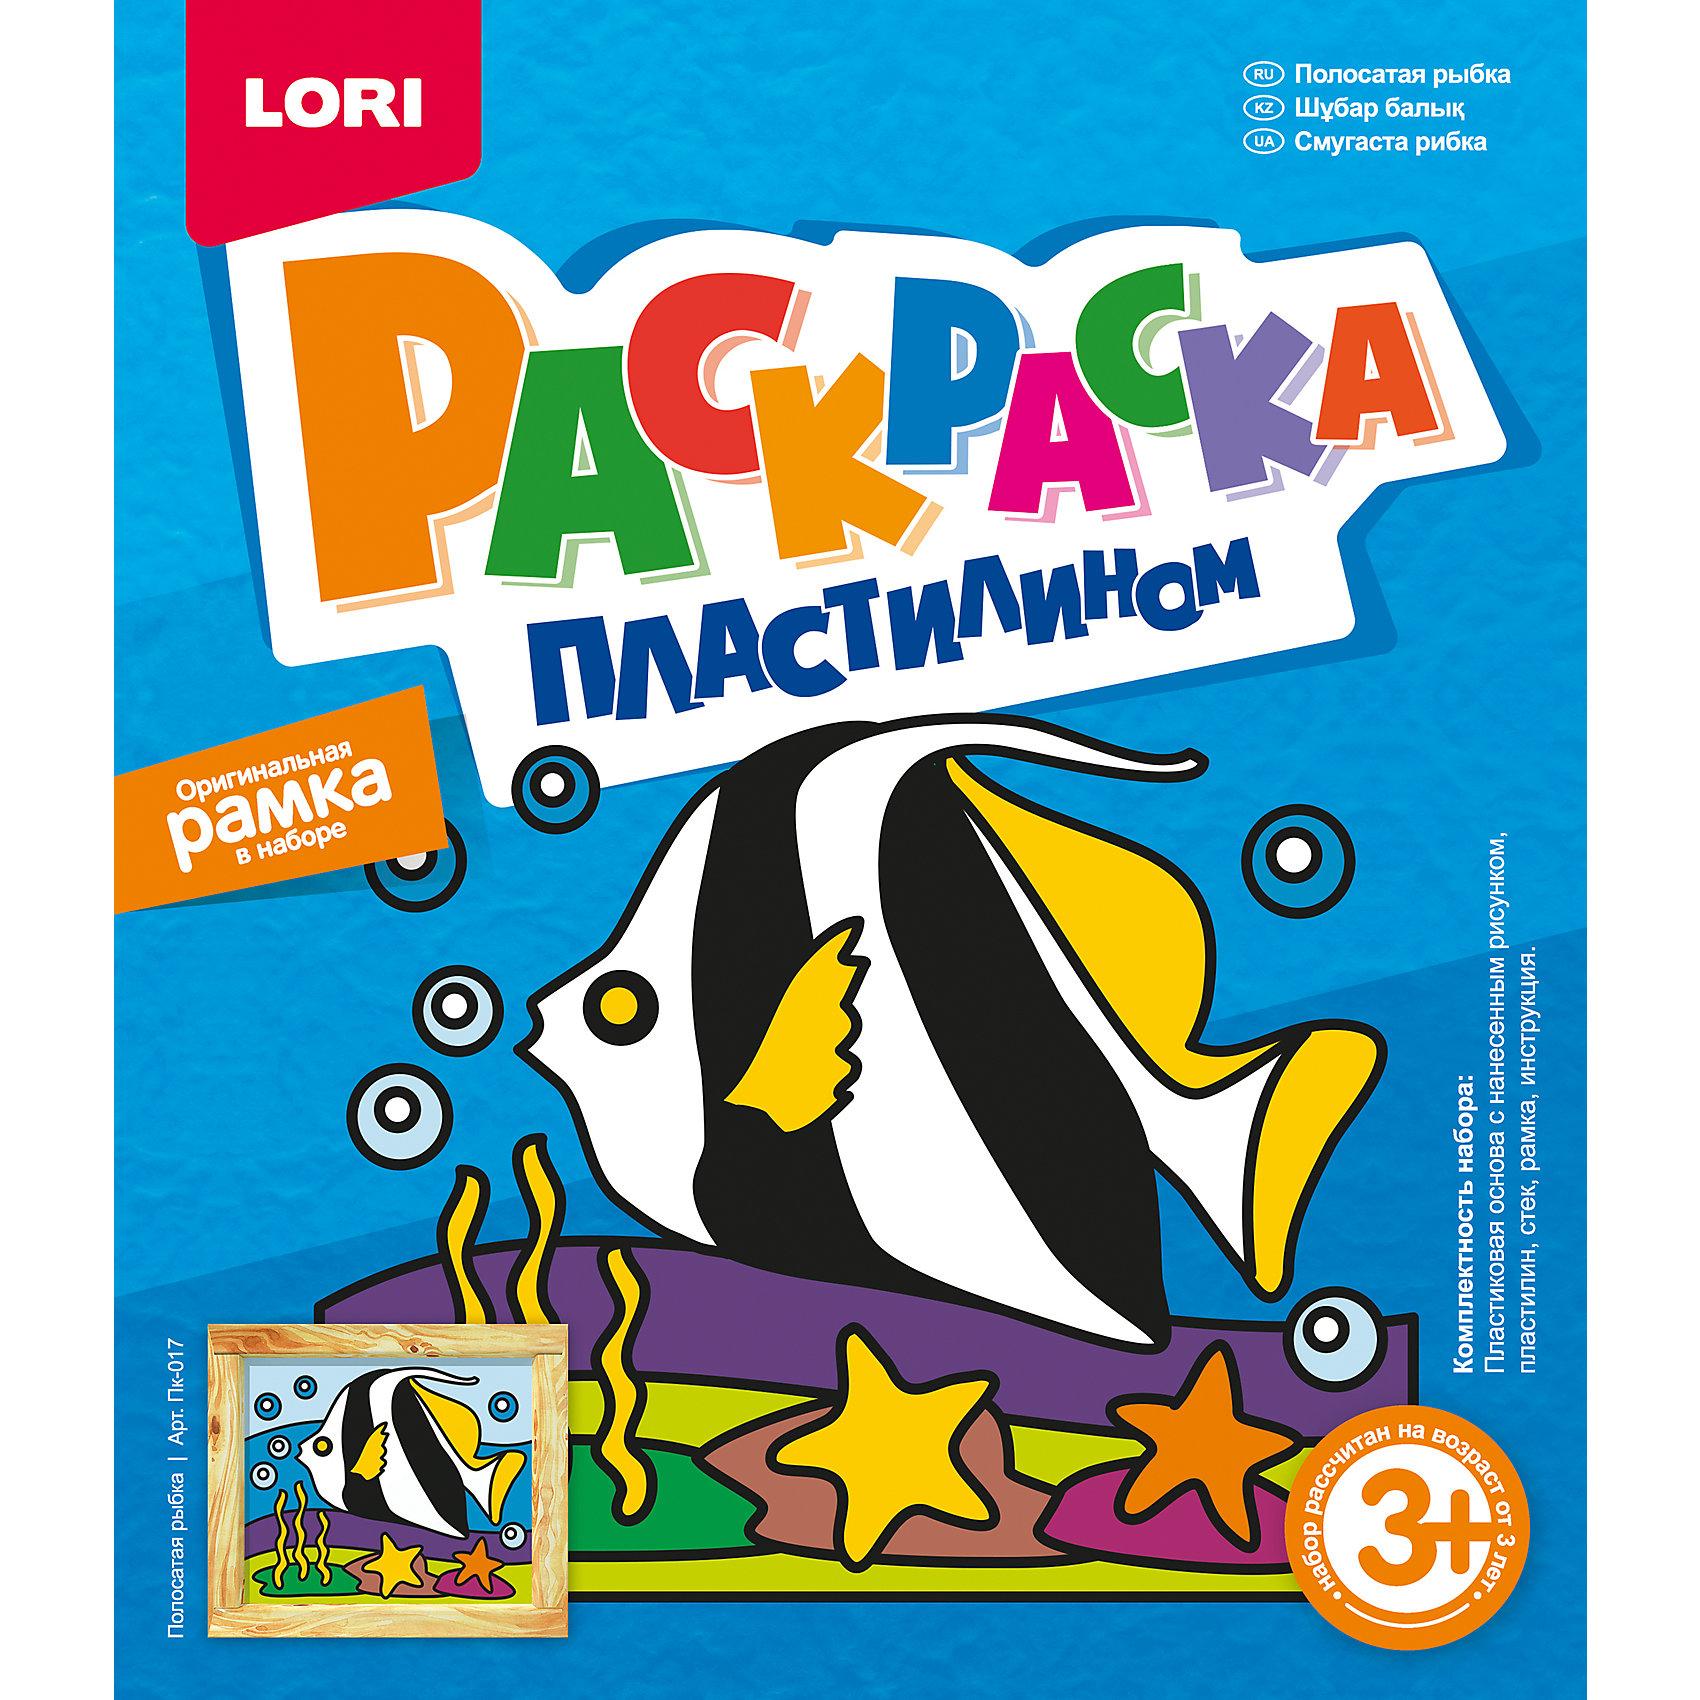 Раскраска пластилином Полосатая рыбкаНаборы для лепки<br>Характеристики раскраски пластилином Полосатая рыбка:<br><br>- возраст: от 3 лет<br>- пол: для мальчиков и девочек<br>- комплект: основа, пластилин, рамка, стек, инструкция.<br>- размер упаковки: 20 * 4 * 23 см.<br>- упаковка: картонная коробка.<br>- страна обладатель бренда: Россия.<br><br>Раскраска пластилином Полосатая рыбка похожа на обычную раскраску, но вместо карандашей рисунок на основе, состоящий из линий, заполняется слоем пластилина. После равномерного нанесения пластилина на большие участки, приходит очередь более мелких деталей, таких как глазки рыбы. Детали добавляются сверху, а последние штрихи можно нанести стеком. В работе с деталями ребенку может помочь родитель. В наборе есть детали, из которых можно собрать рамку для готового шедевра. <br><br>Раскраску пластилином Полосатая рыбка можно купить в нашем интернет-магазине.<br><br>Ширина мм: 230<br>Глубина мм: 200<br>Высота мм: 40<br>Вес г: 277<br>Возраст от месяцев: 36<br>Возраст до месяцев: 84<br>Пол: Унисекс<br>Возраст: Детский<br>SKU: 5154901